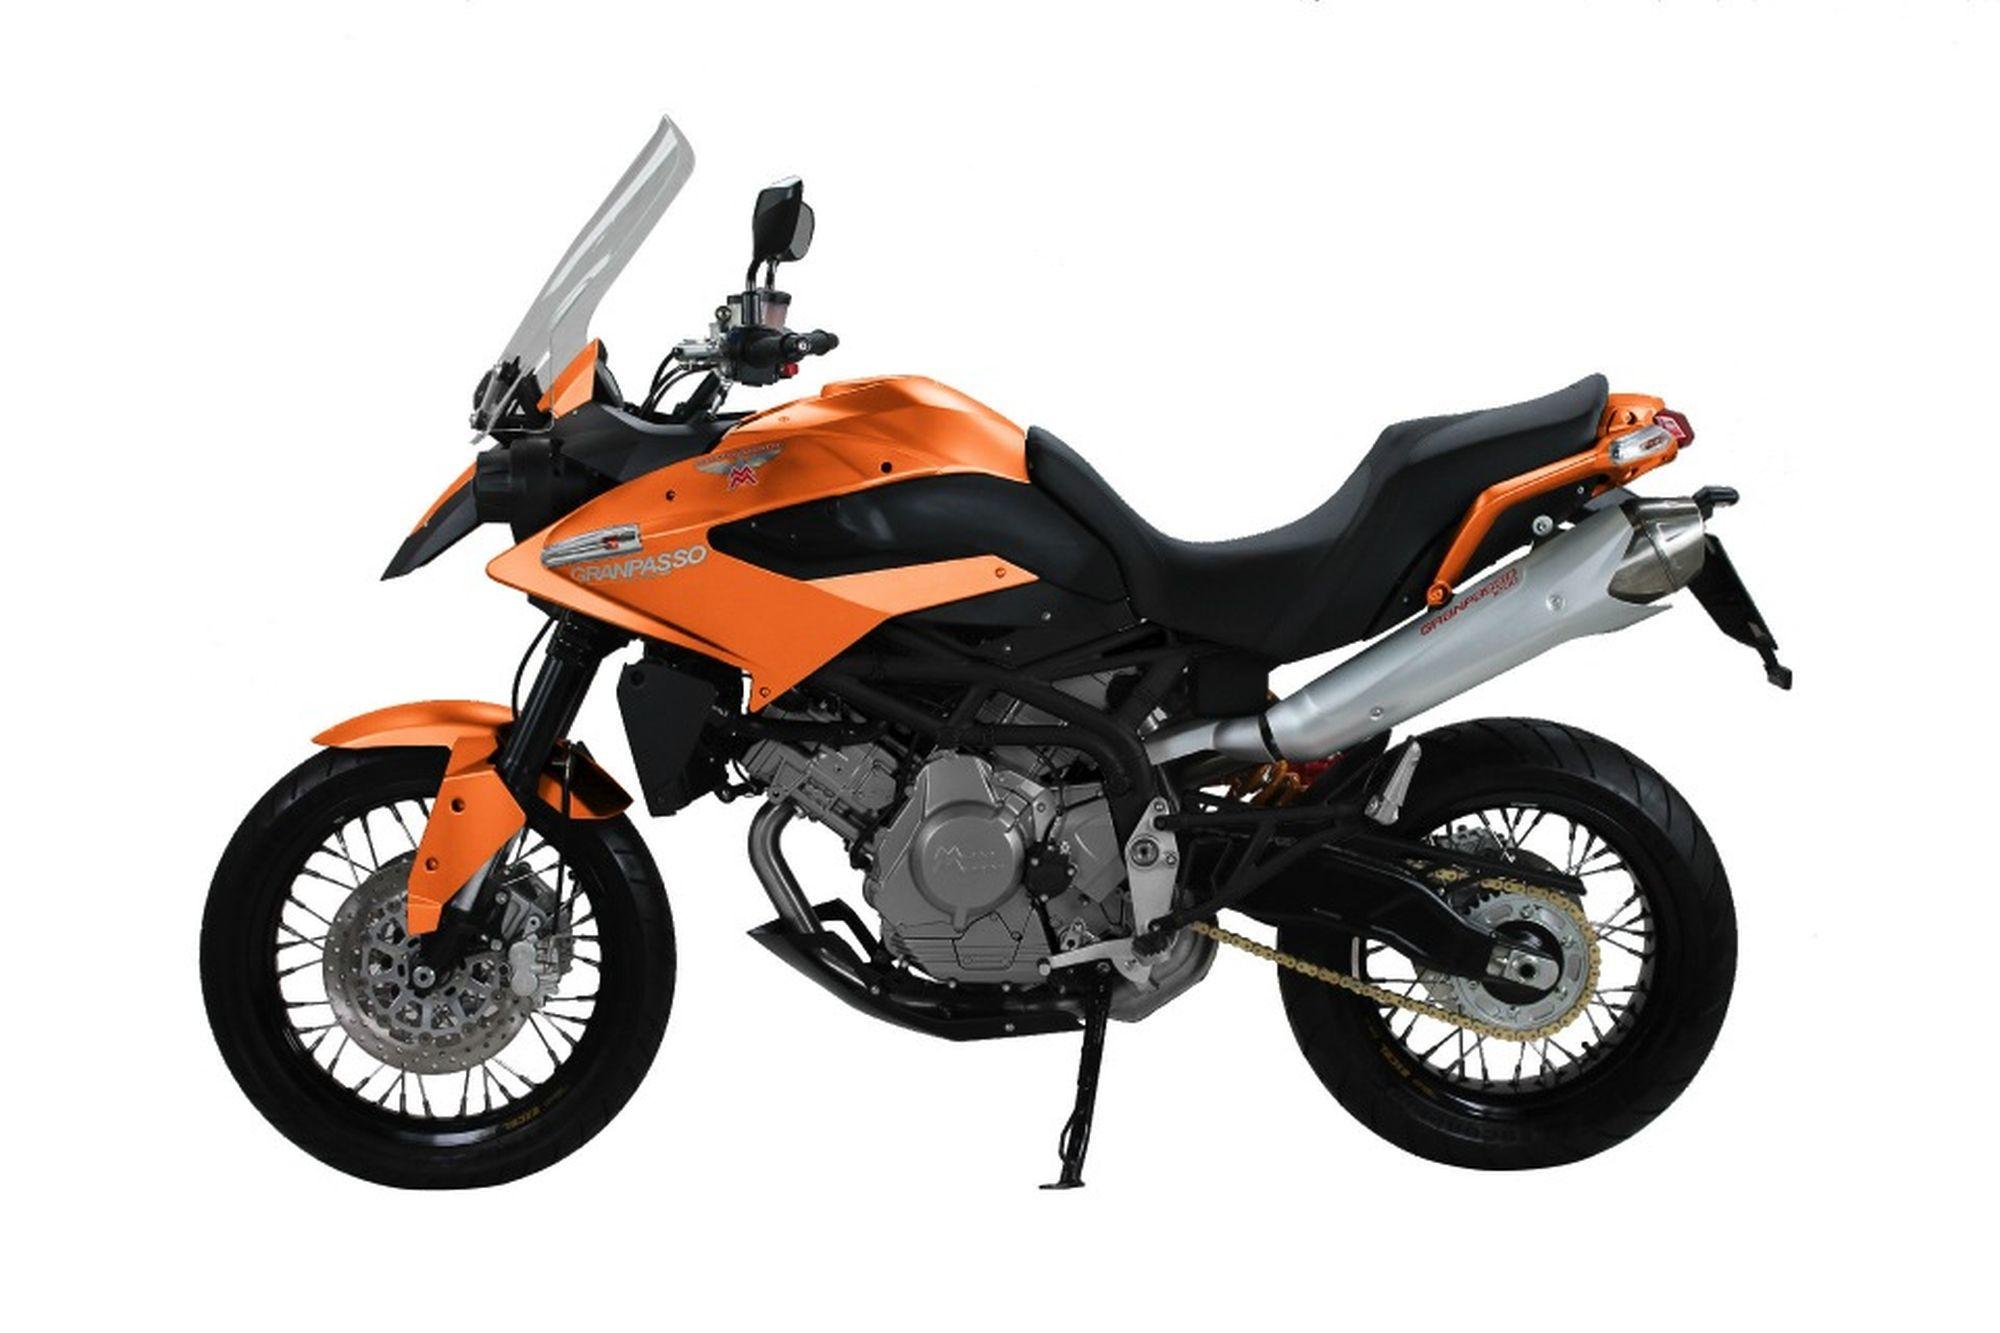 gebrauchte und neue moto morini granpasso 1200 motorr der. Black Bedroom Furniture Sets. Home Design Ideas